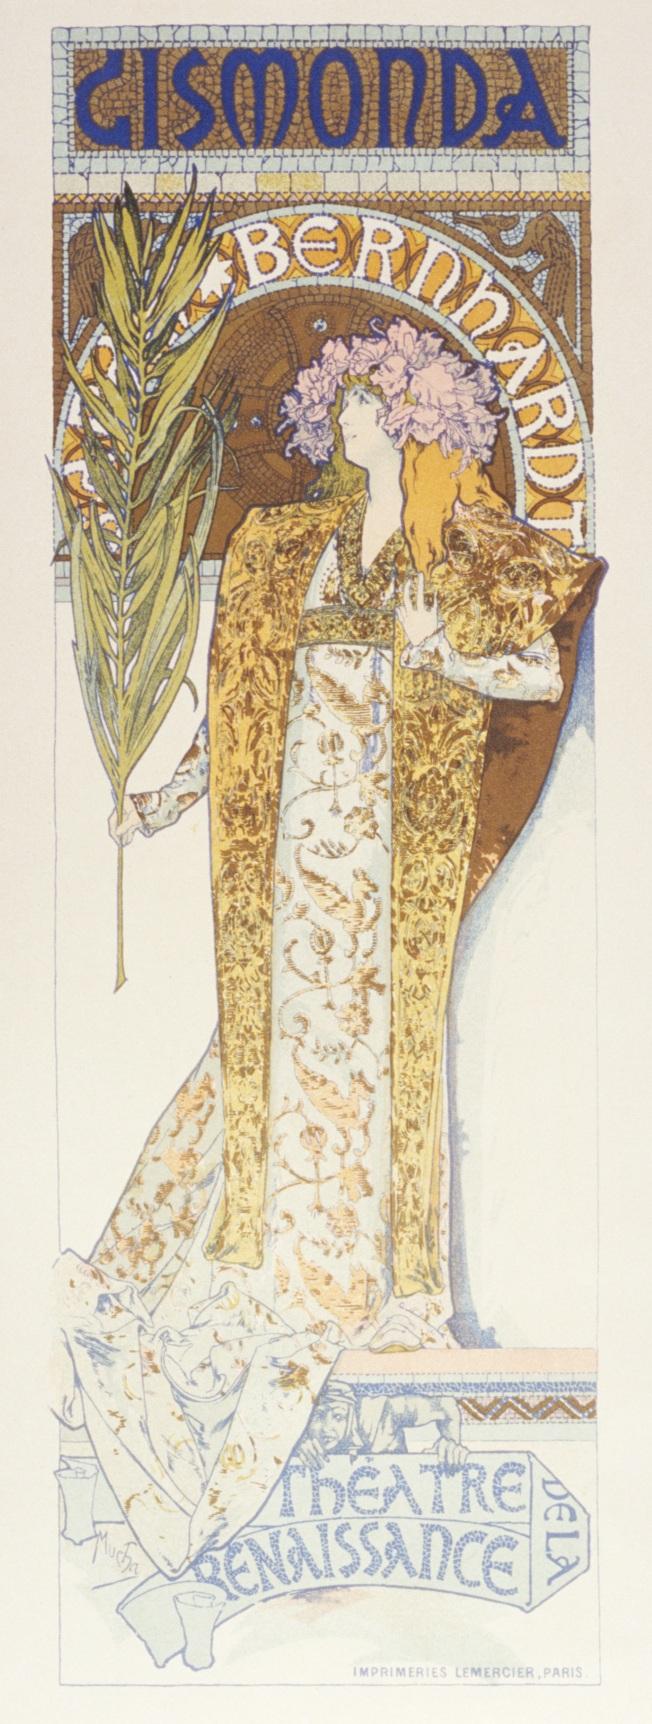 Alfons Muxanın Sara Bernar üçün afişası